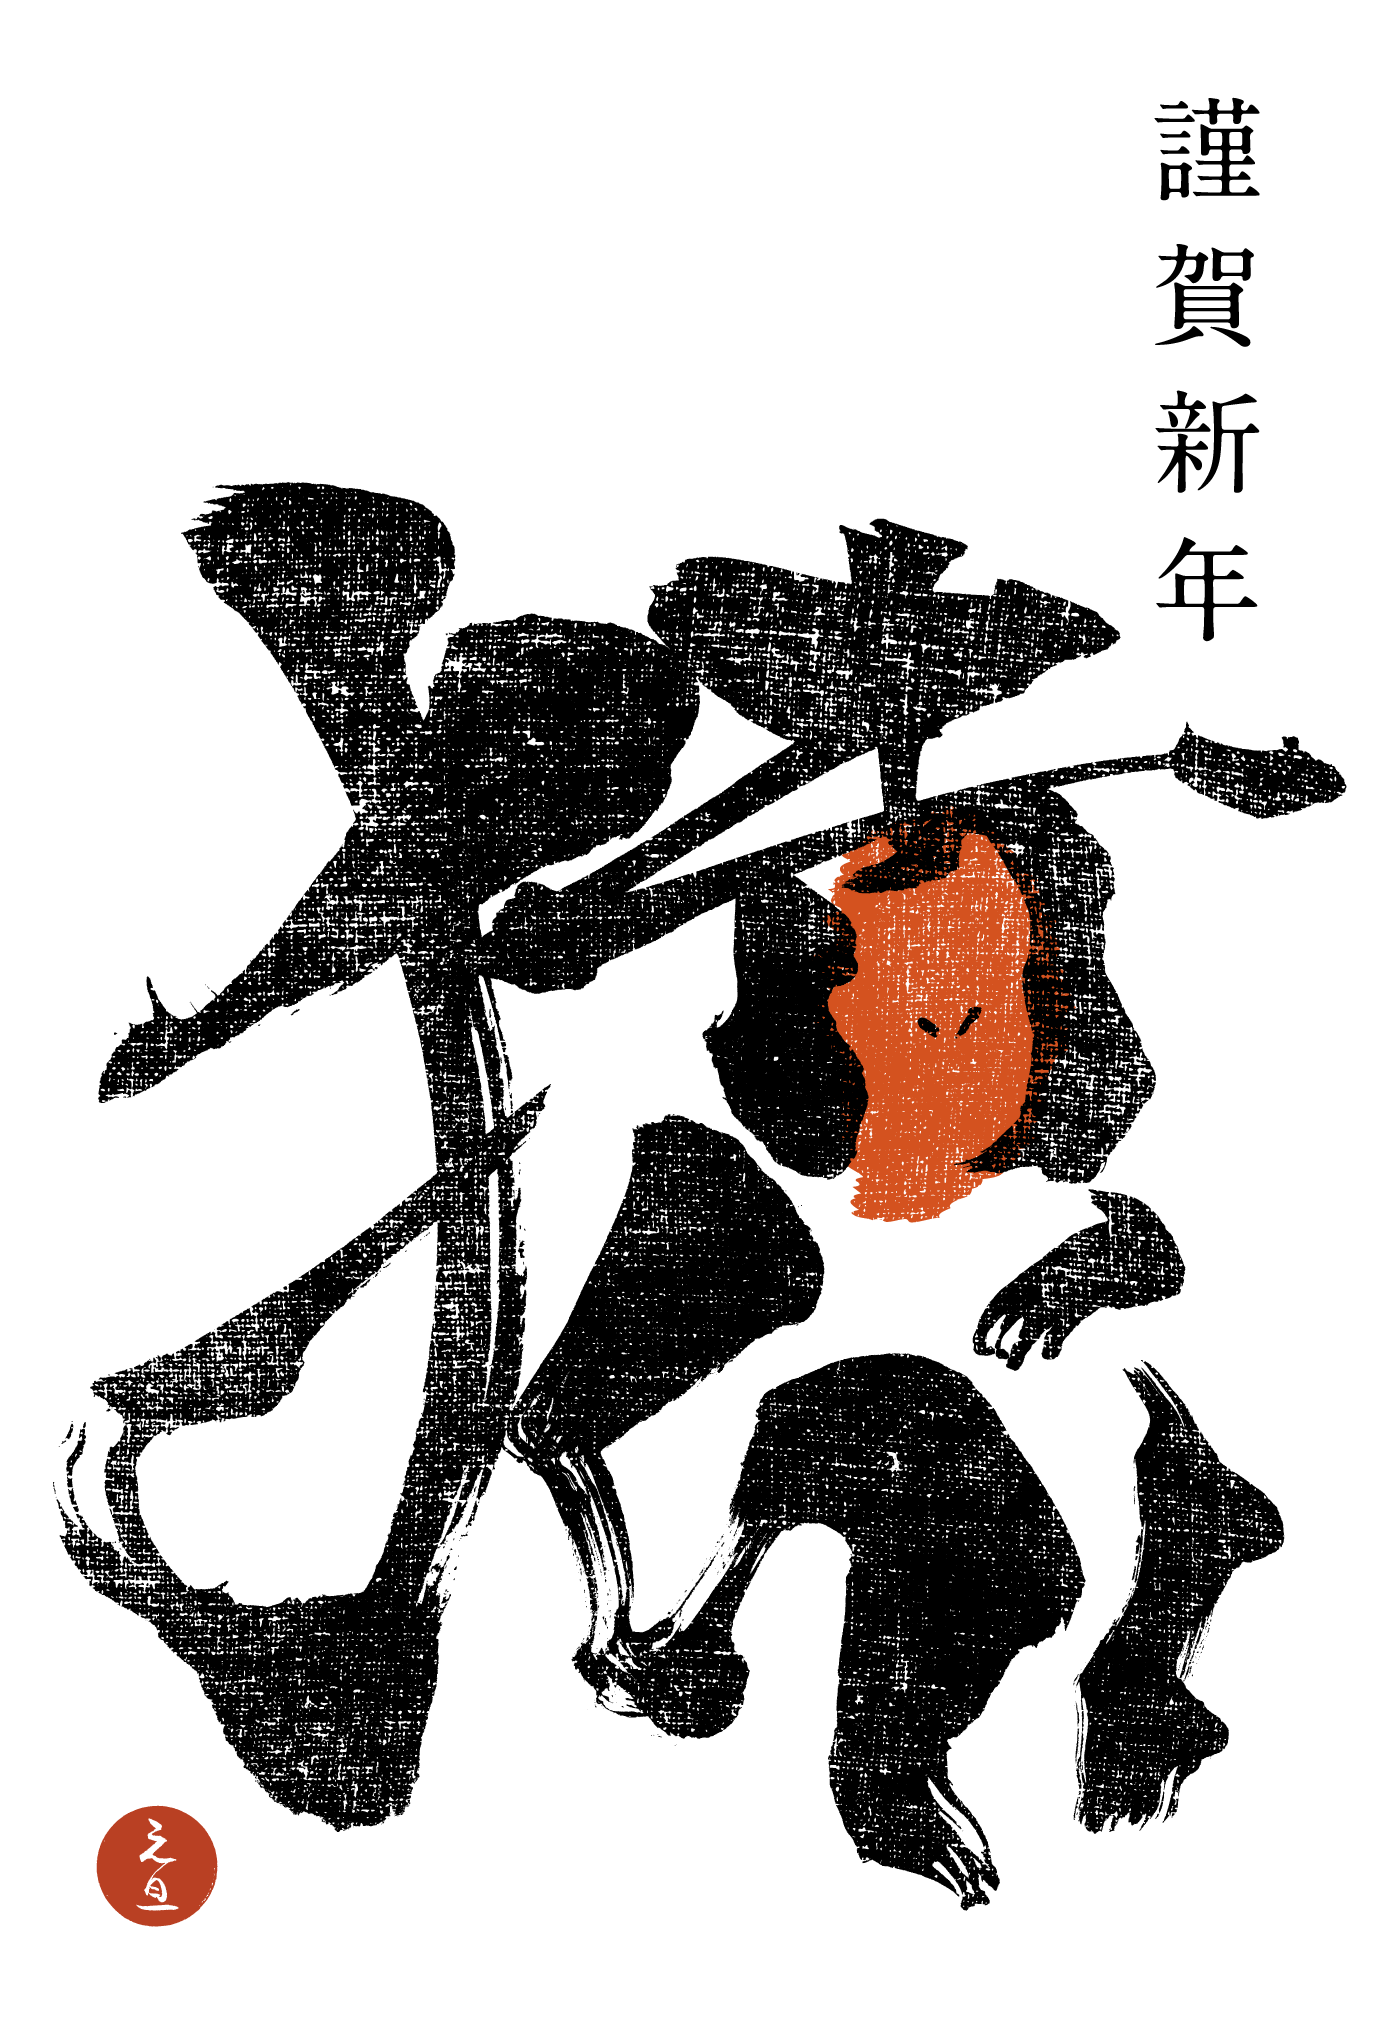 2016年賀状13-2:猿 Calligraphy(謹賀新年)縦のダウンロード画像